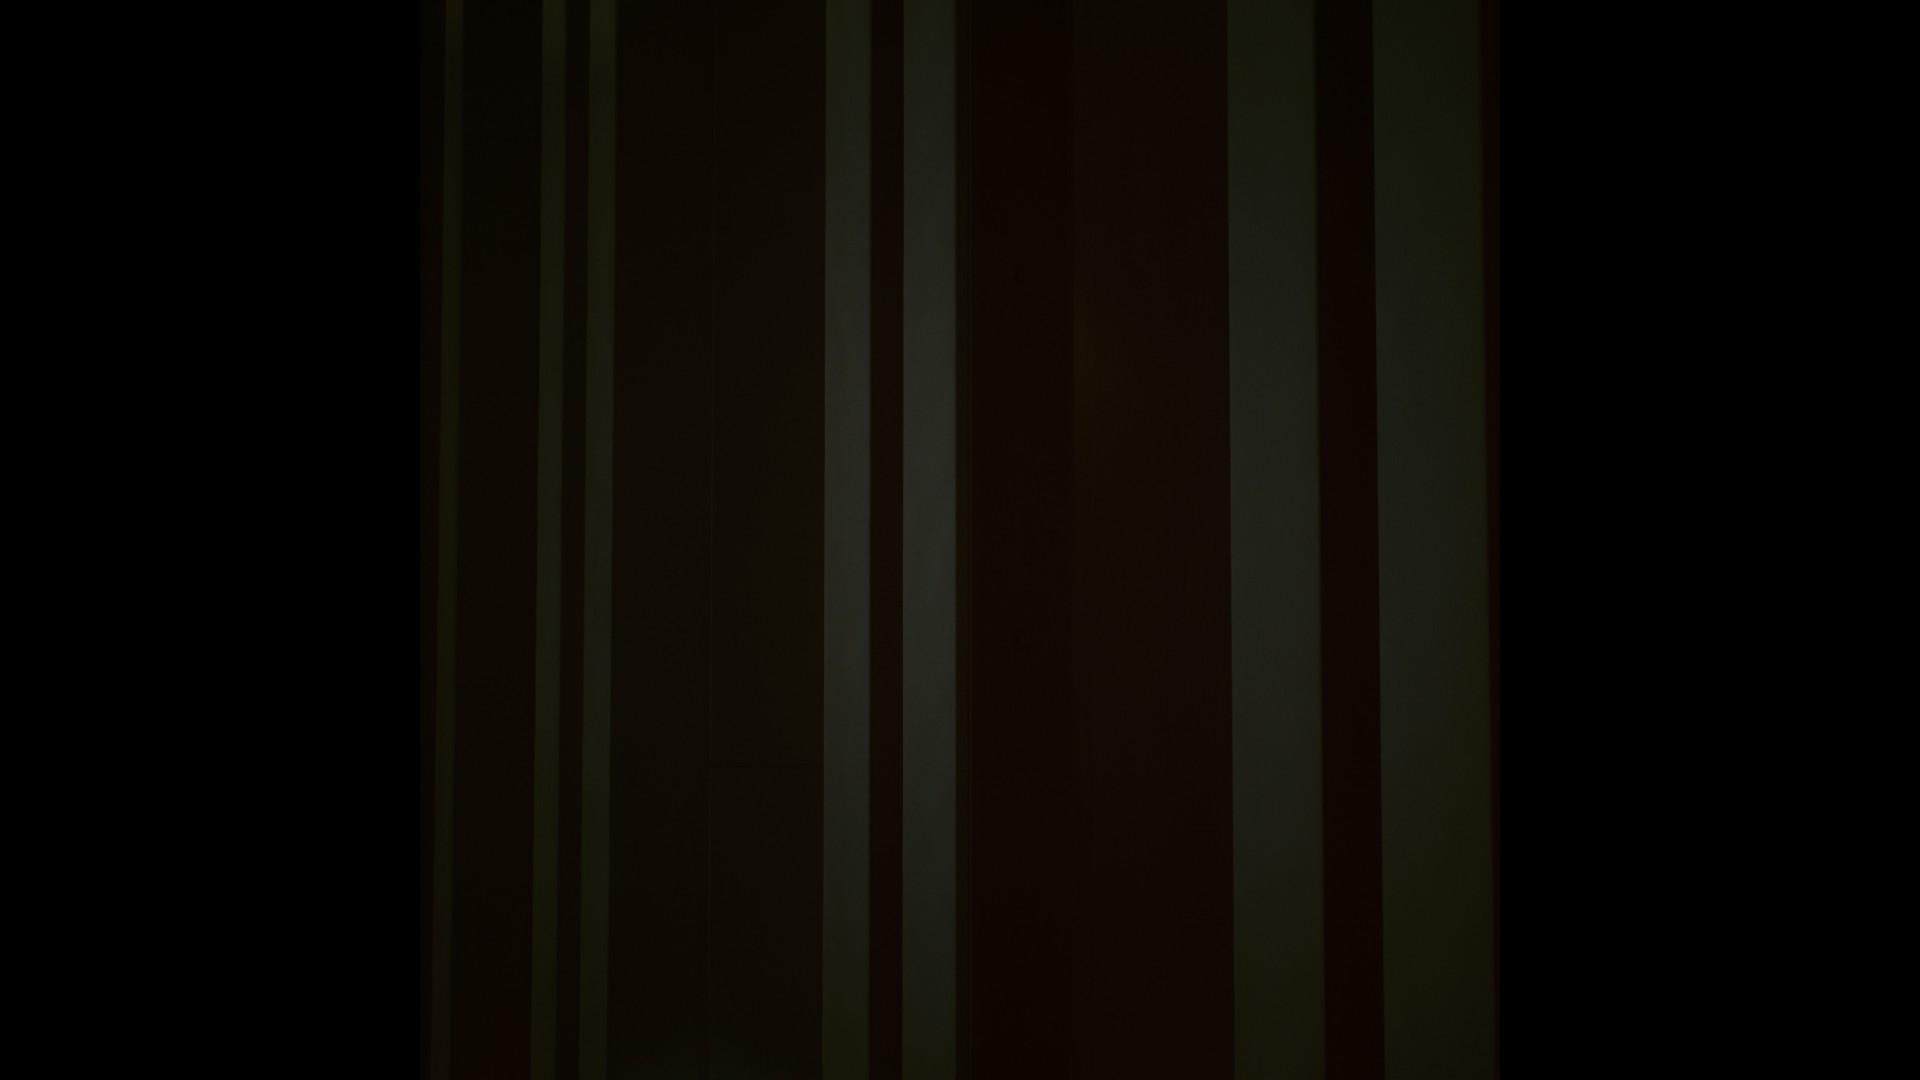 20210221204104_1.jpg